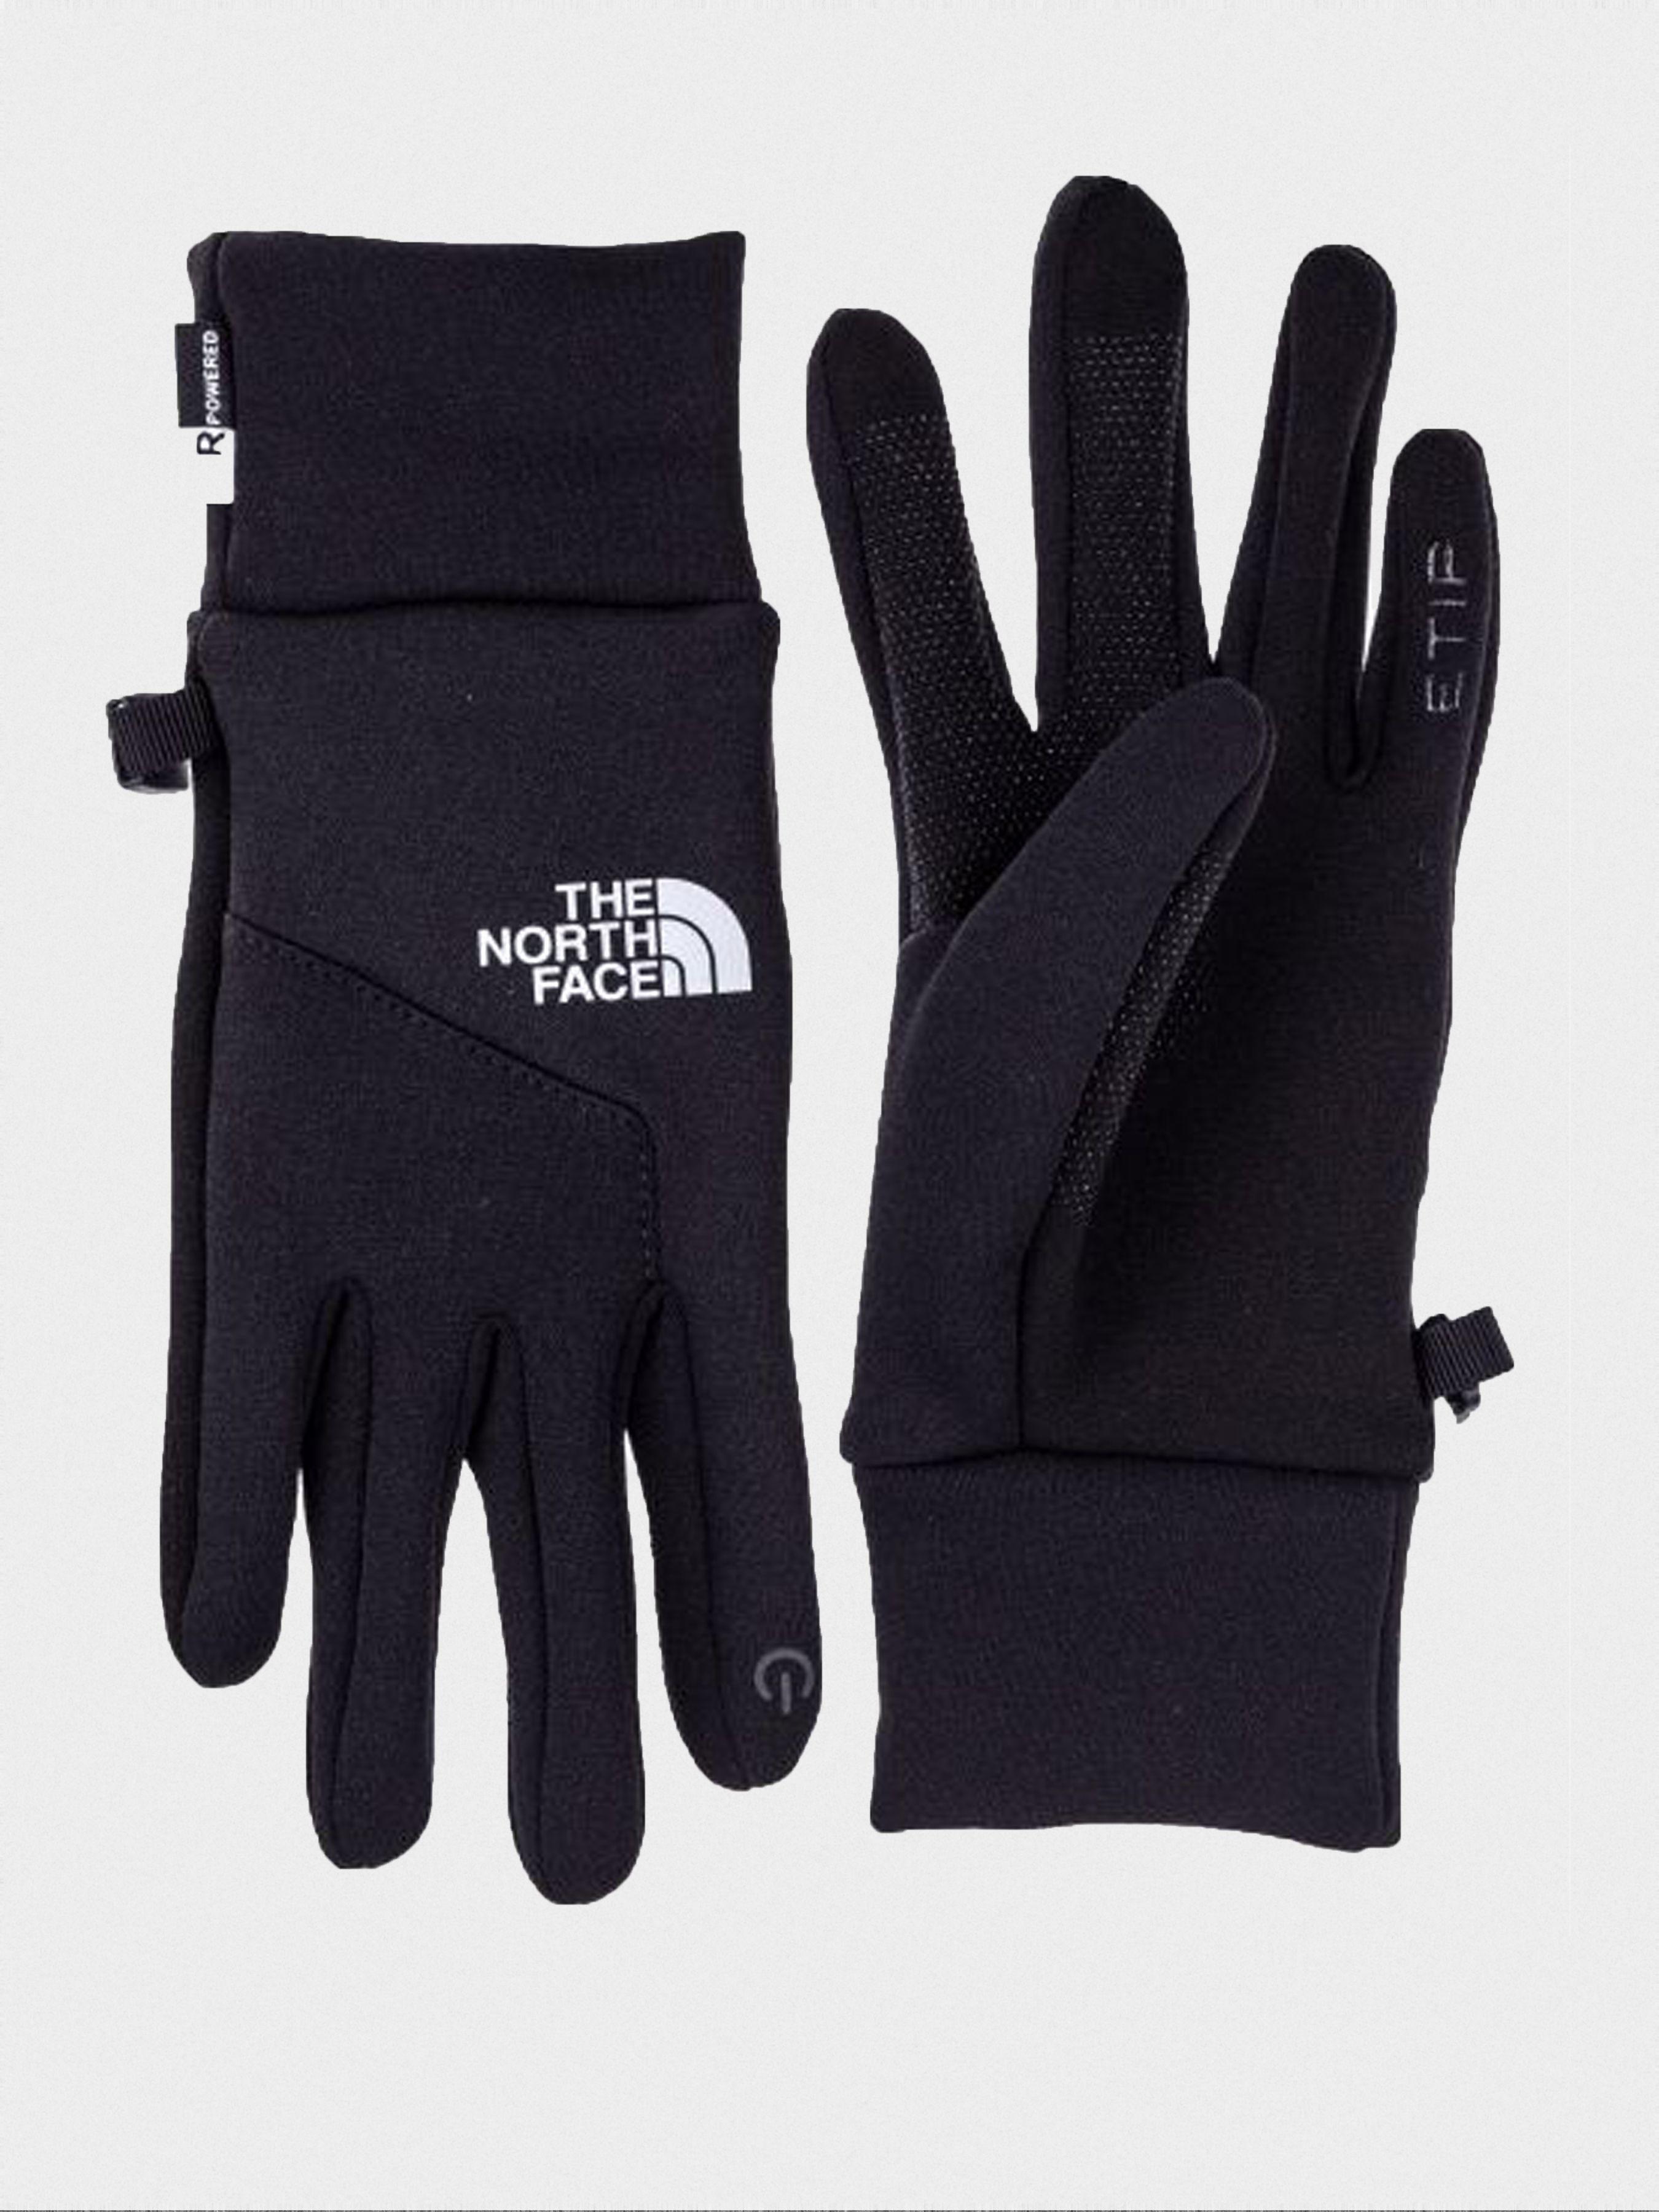 Купить Перчатки женские модель N12, The North Face, Черный